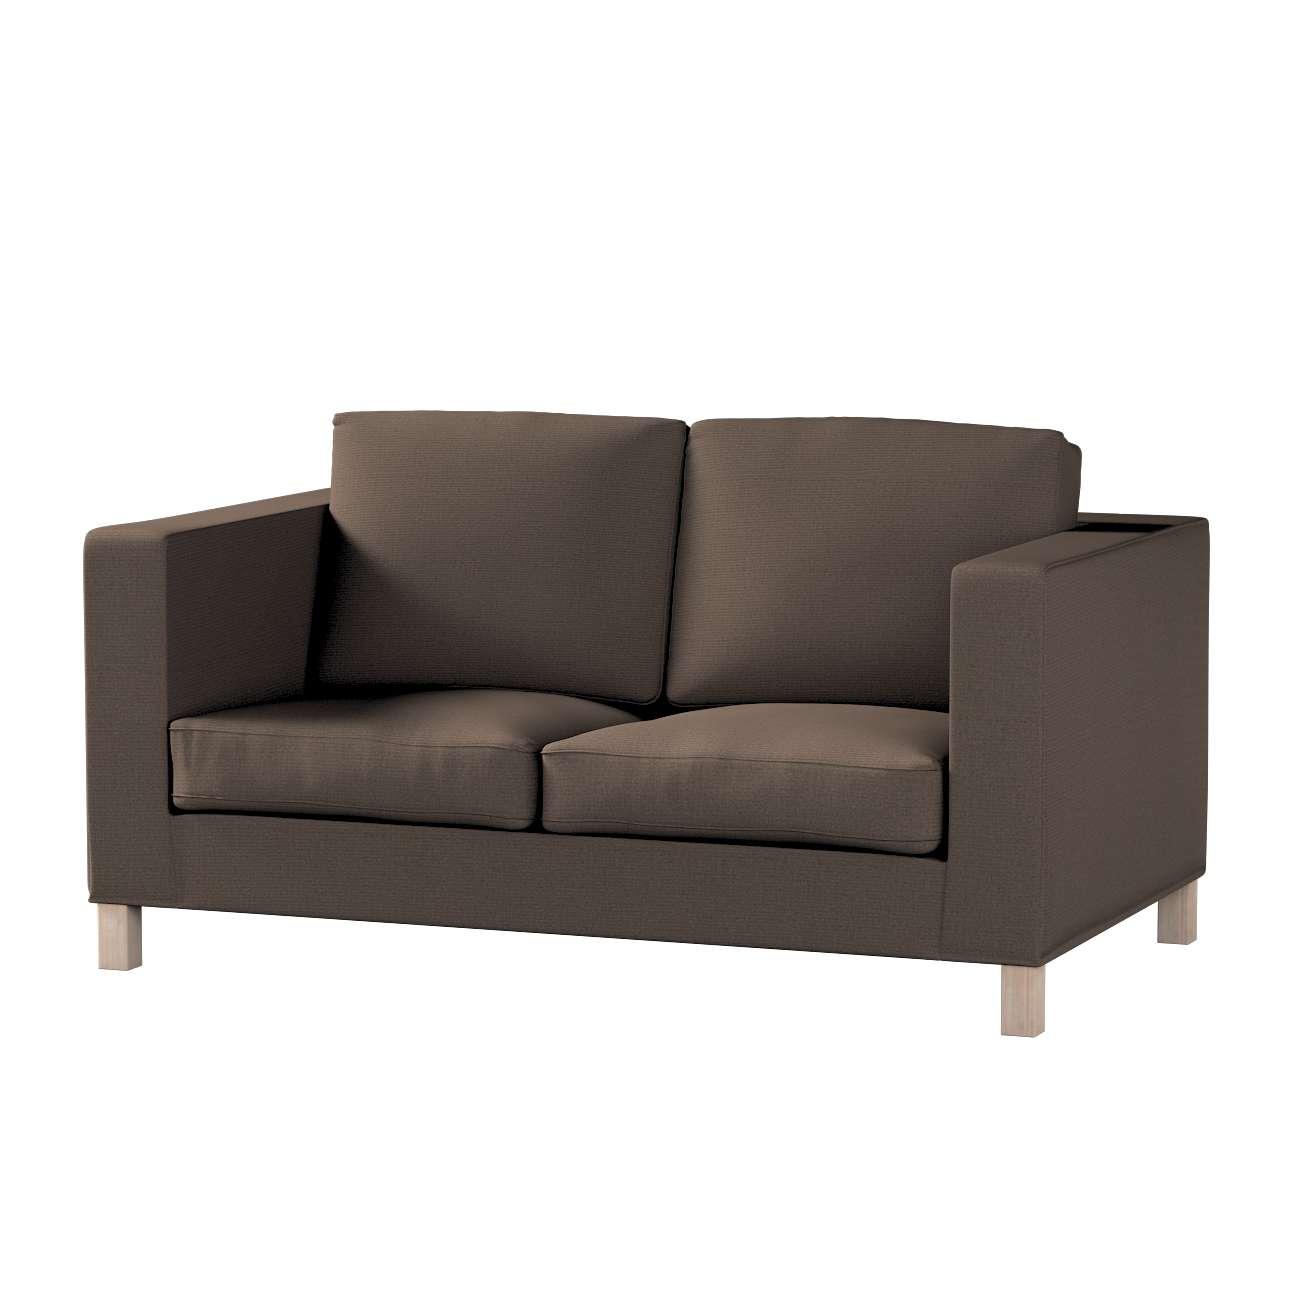 KARLANDA dvivietės sofos užvalkalas KARLANDA dvivietės sofos užvalkalas kolekcijoje Etna , audinys: 705-08